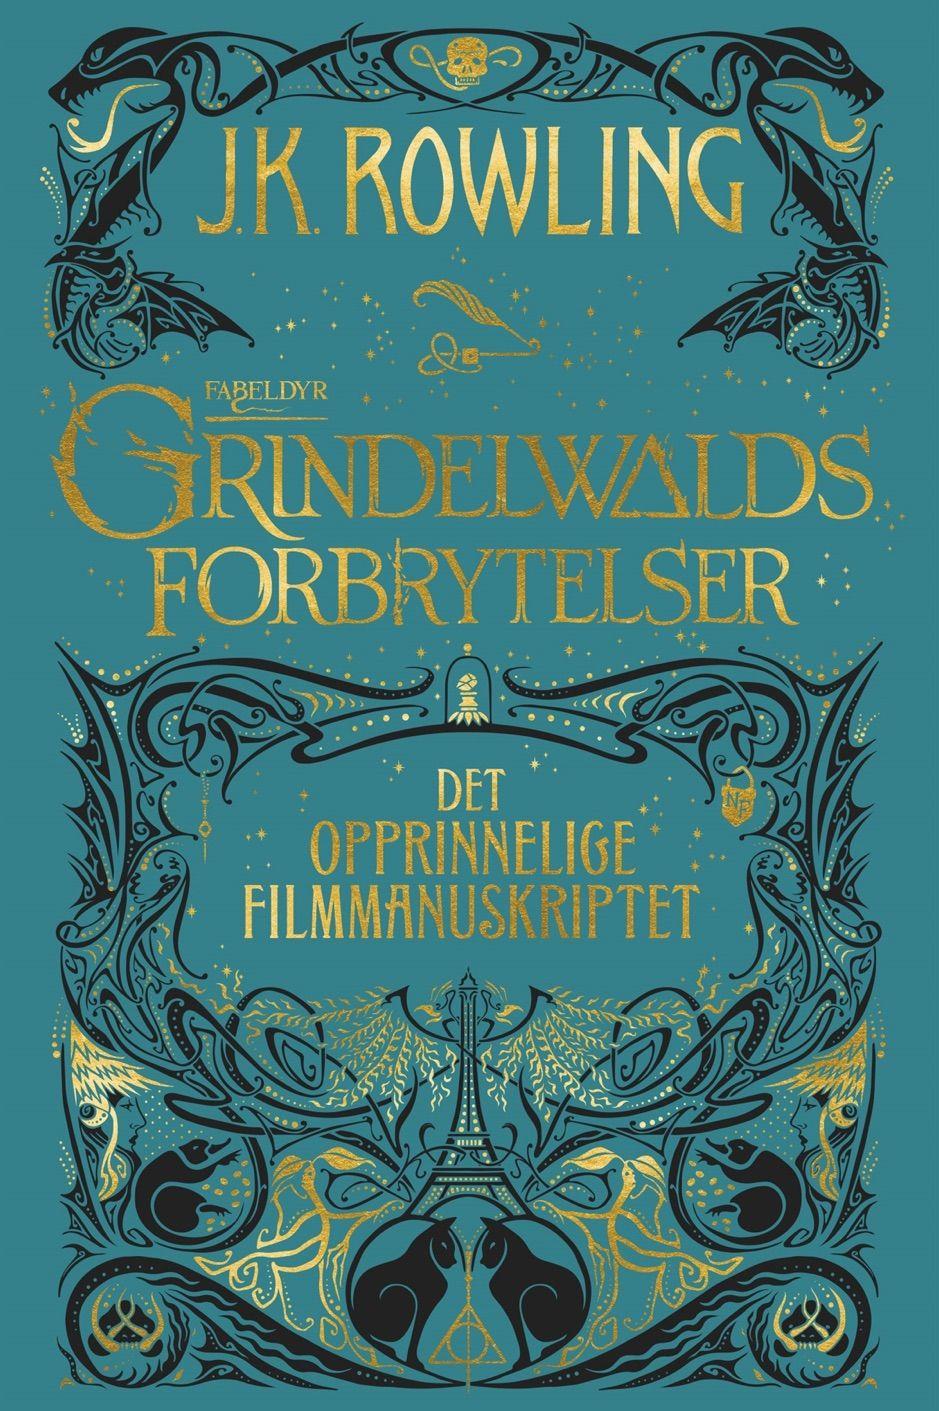 A Zfabeldyr Grindelwalds Forbrytelser Det Opprinnelige Filmmanuskriptet Ad Forbrytelser D Poster Template Harry Potter Wanted Poster Fantastic Beasts